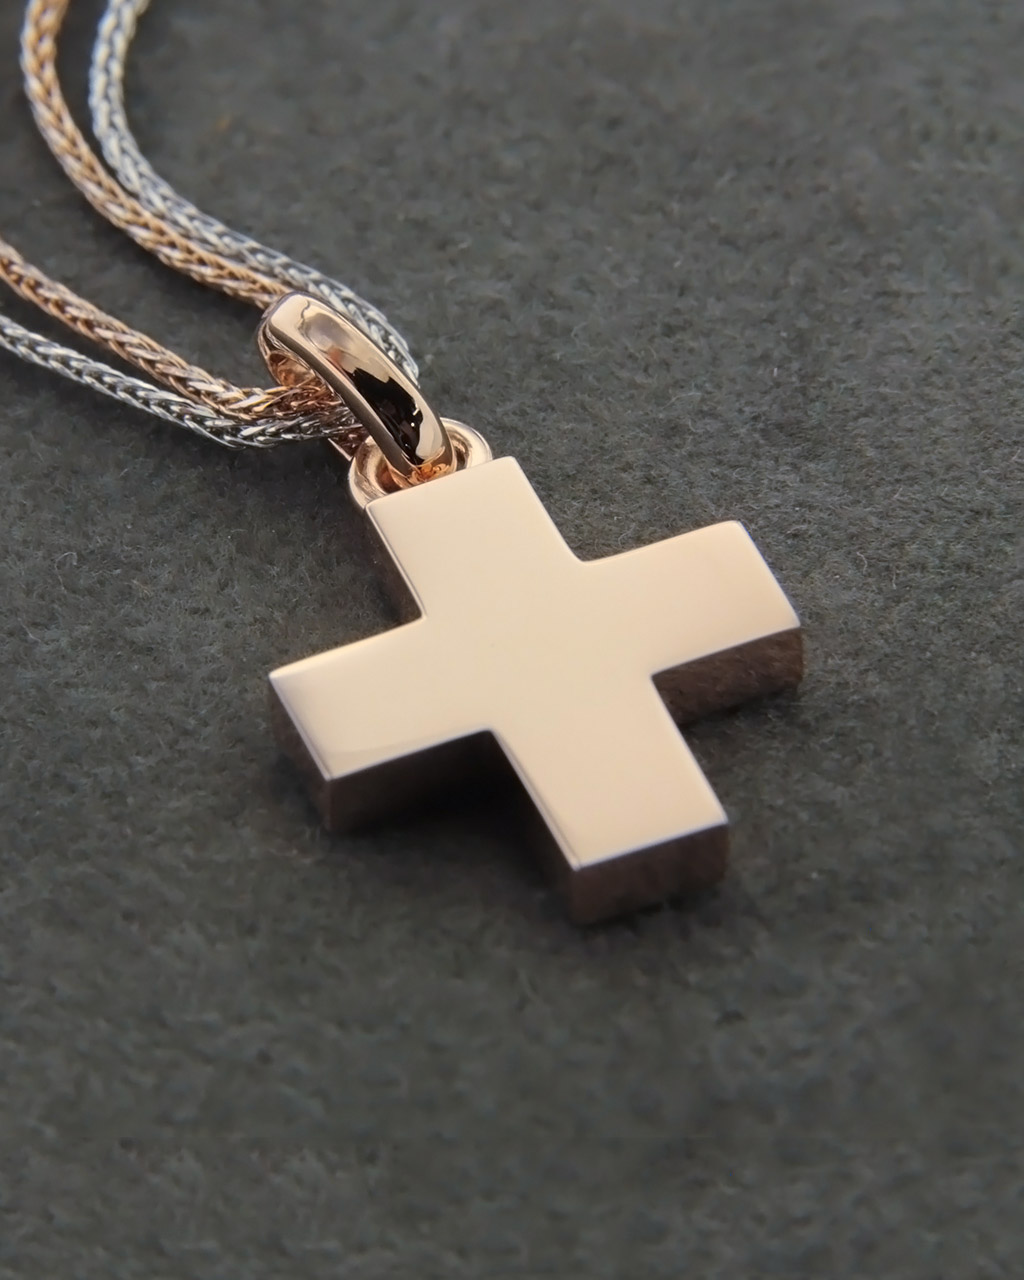 Σταυρός βαπτιστικός ροζ χρυσός   κοσμηματα σταυροί σταυροί ροζ χρυσό